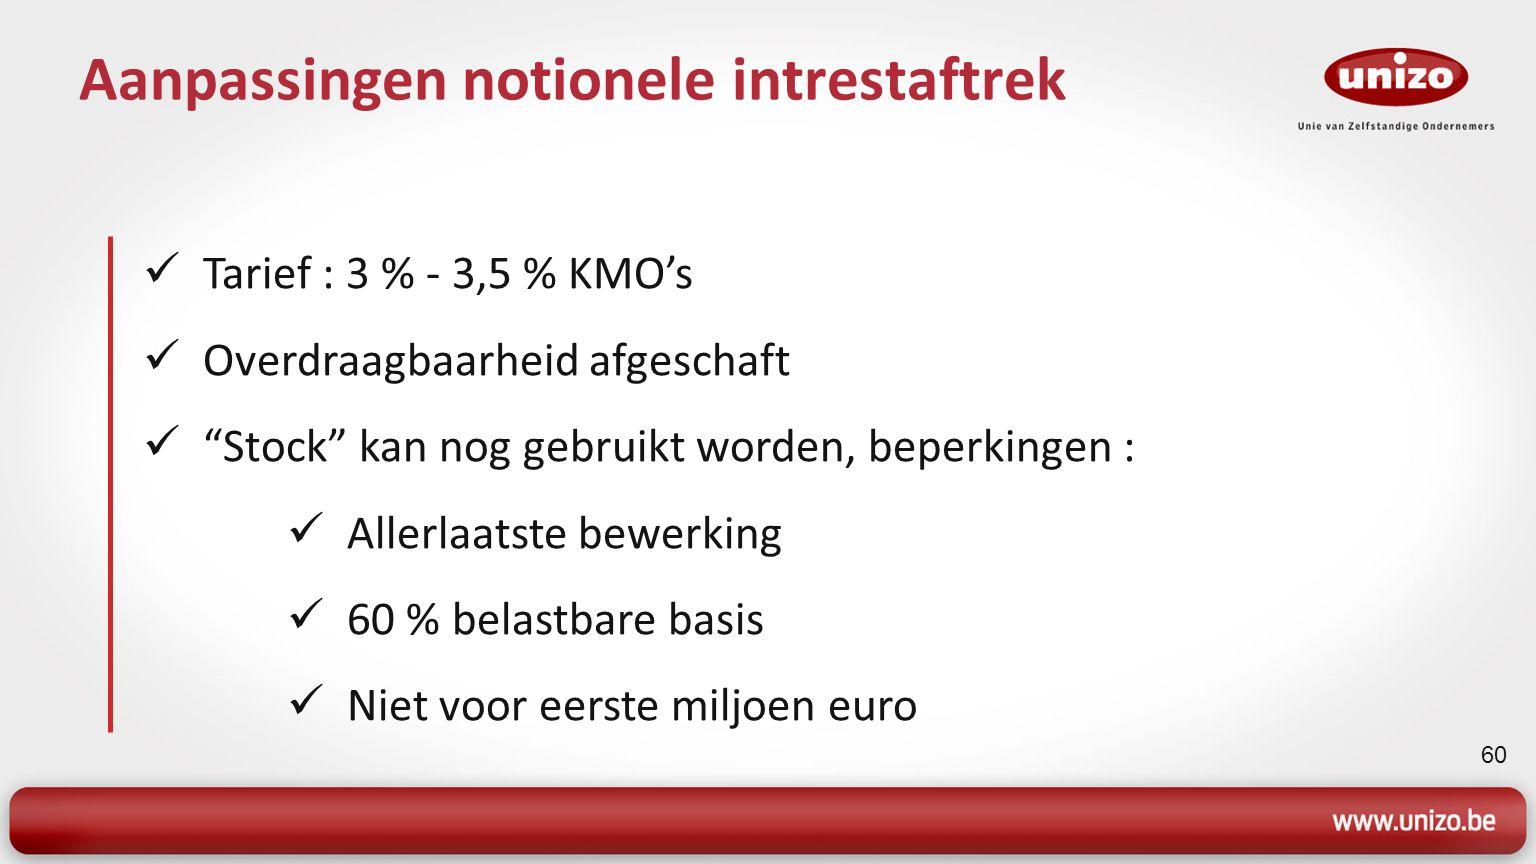 60 Aanpassingen notionele intrestaftrek Tarief : 3 % - 3,5 % KMO's Overdraagbaarheid afgeschaft Stock kan nog gebruikt worden, beperkingen : Allerlaatste bewerking 60 % belastbare basis Niet voor eerste miljoen euro